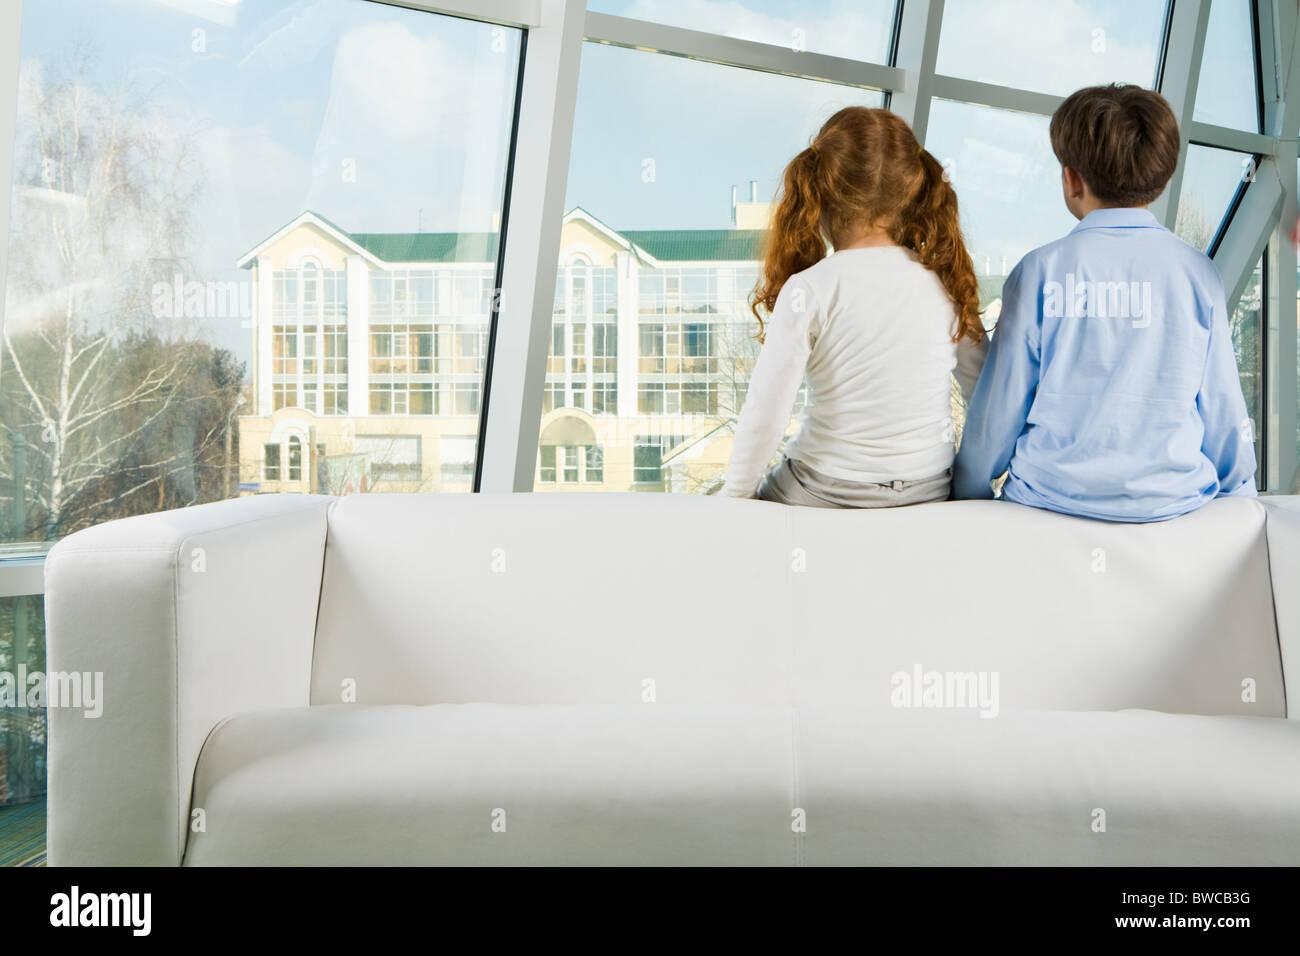 Vue arrière de deux enfants assis sur le canapé blanc et à la recherche d'une fenêtre Banque D'Images